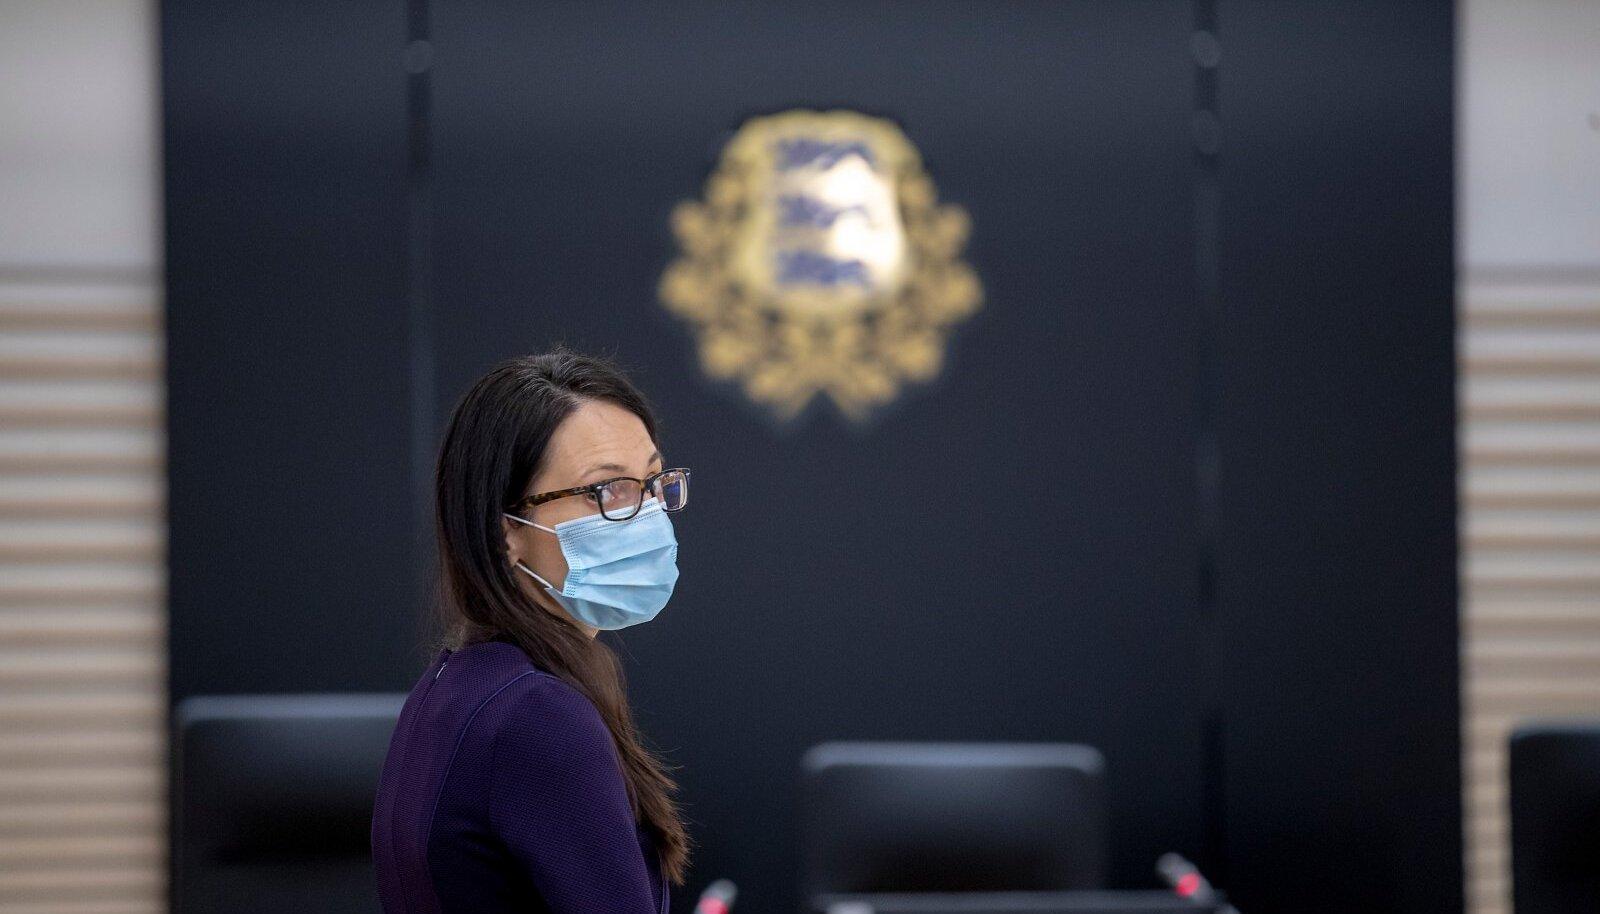 Prokurör Kelly Kruusimägi süüdistab Marko Vesi Mihkel Haavelile surmava tervisekahjustuse põhjustamises. Vesi tunnistab süüd vaid osaliselt.